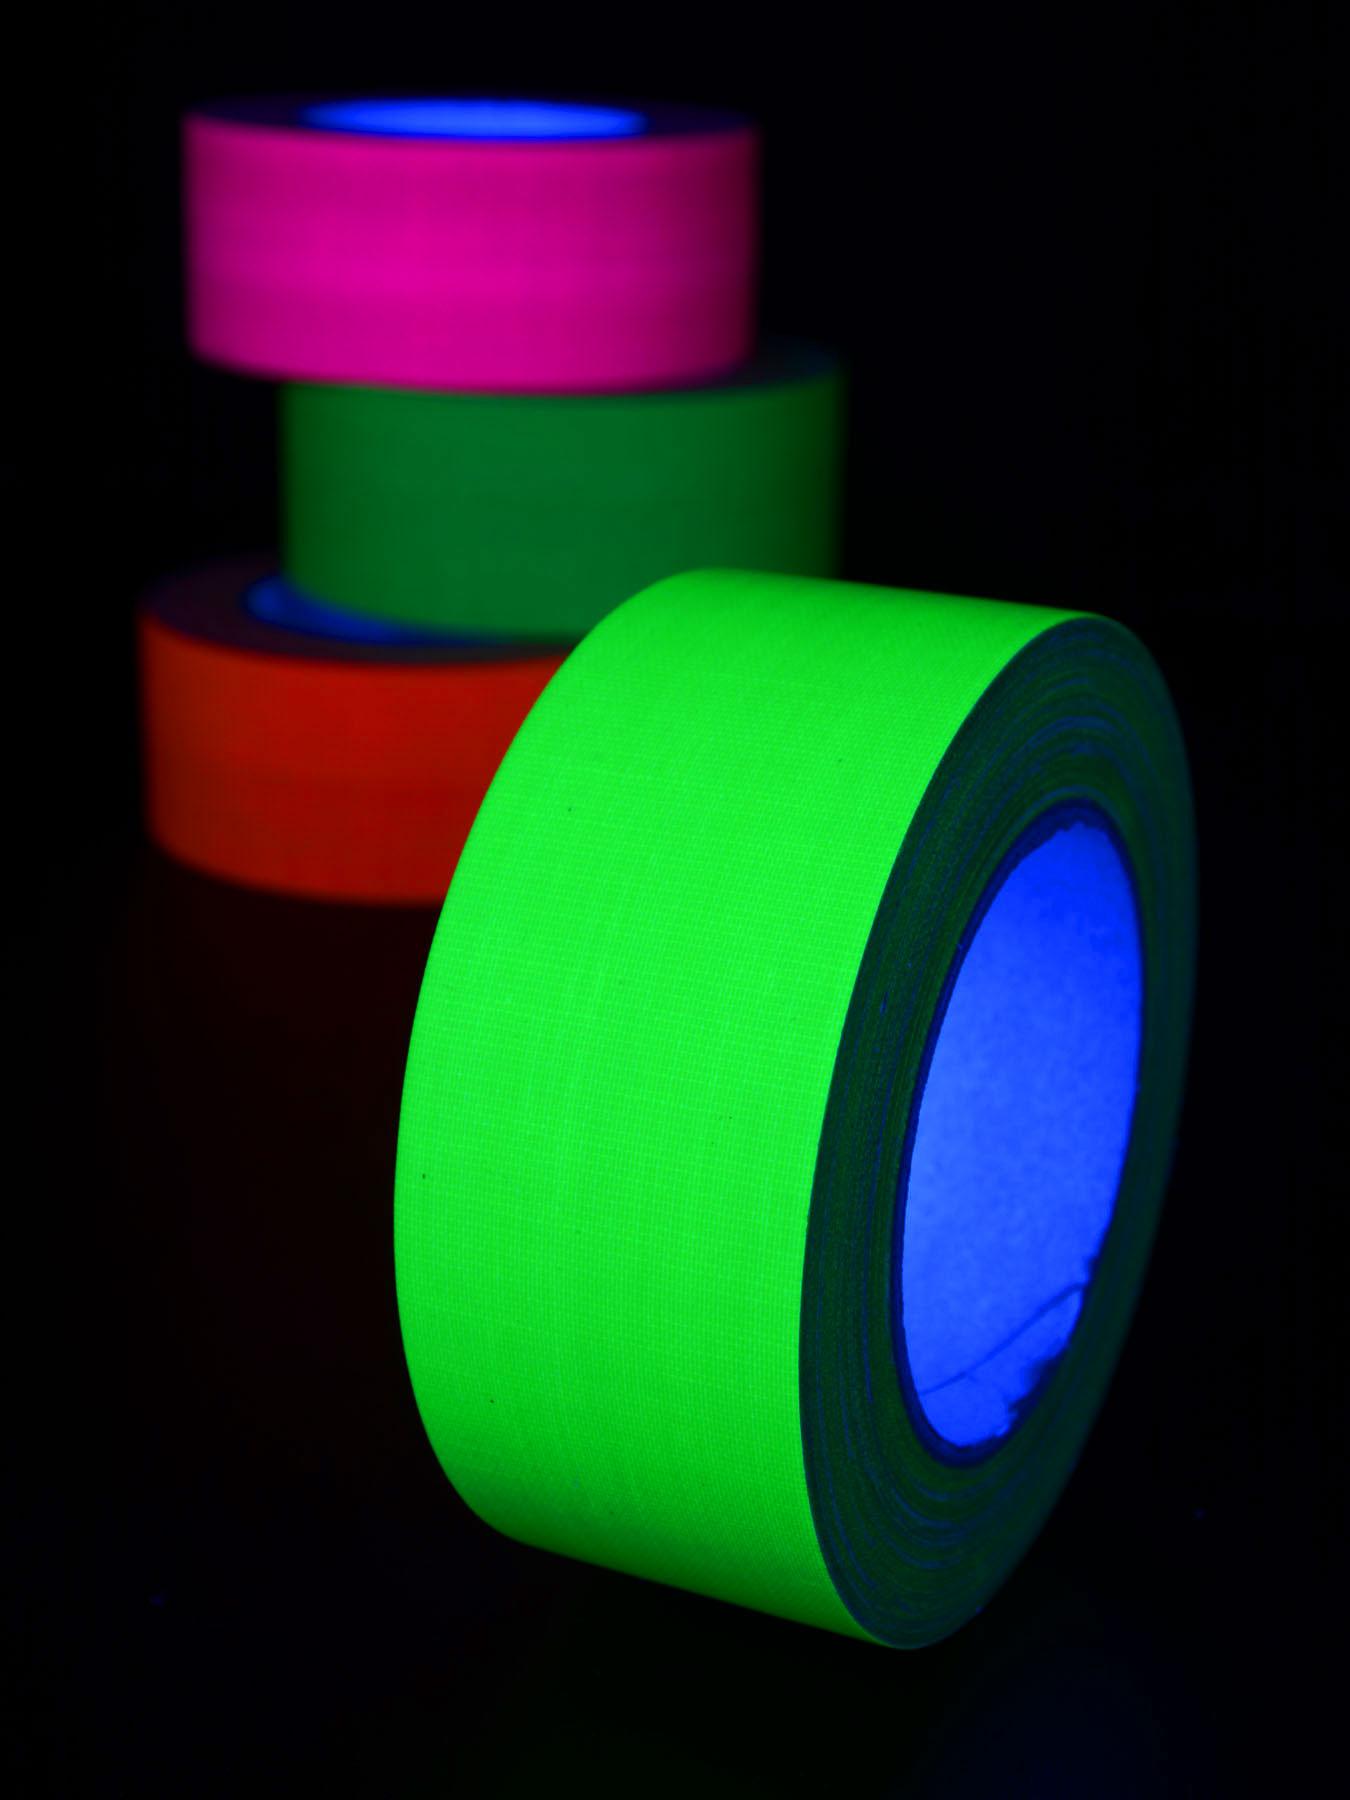 25m rolle schwarzlicht klebeband neon gelb 50mm. Black Bedroom Furniture Sets. Home Design Ideas